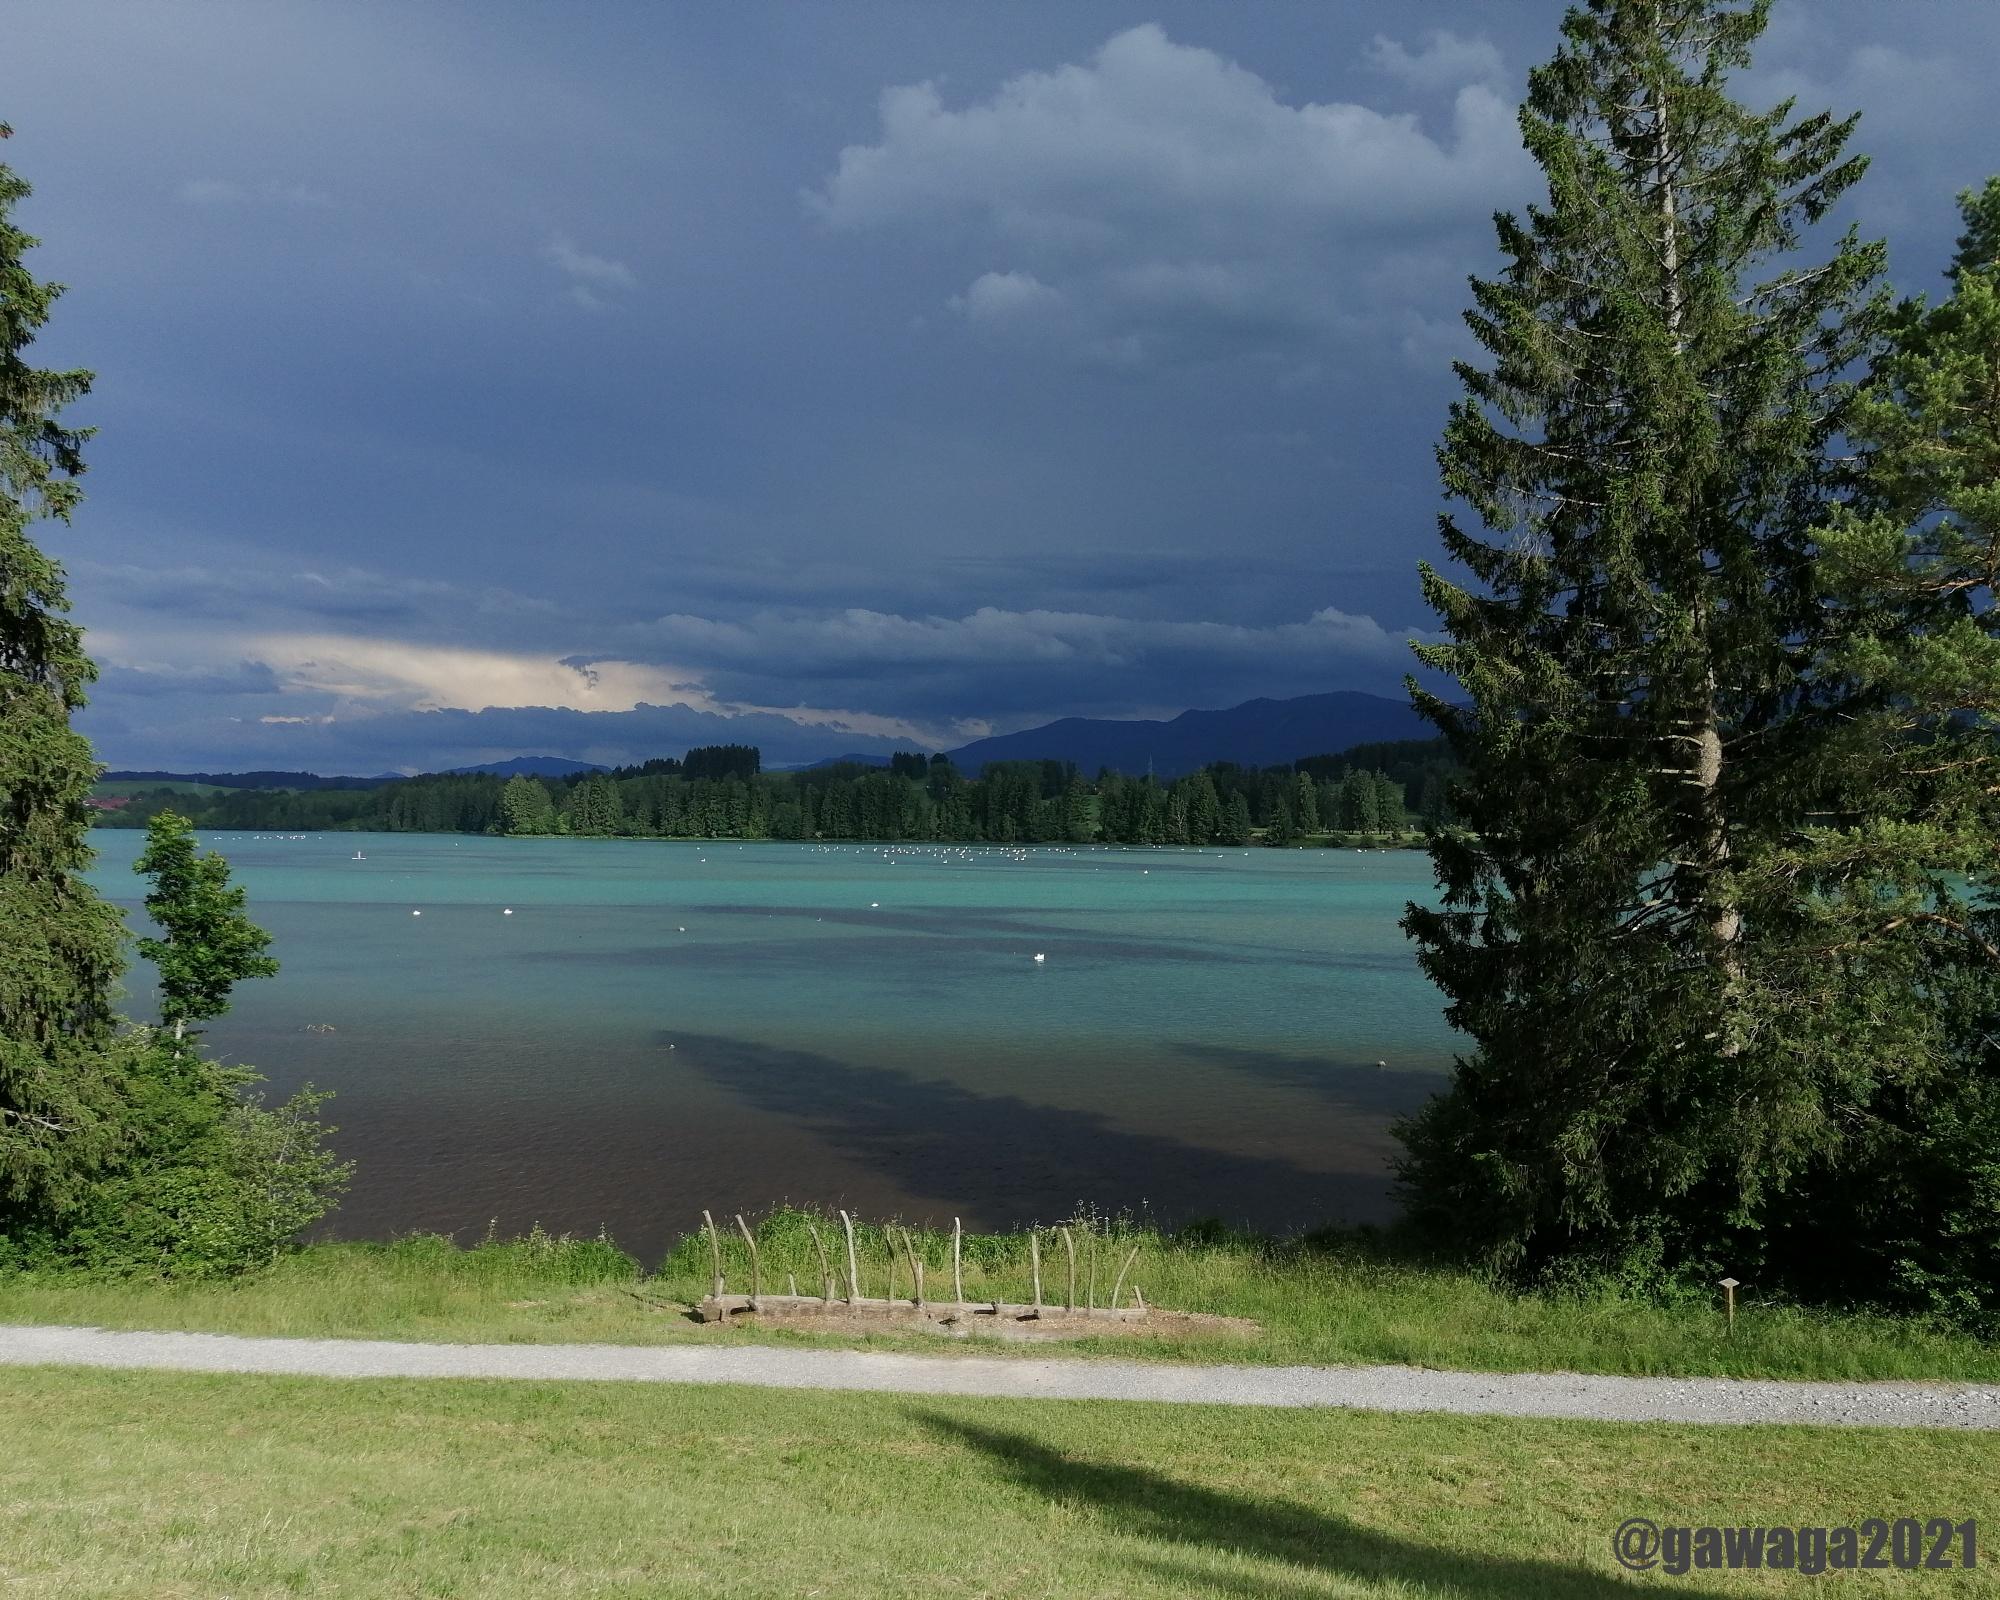 dunkle Wolken über dem See